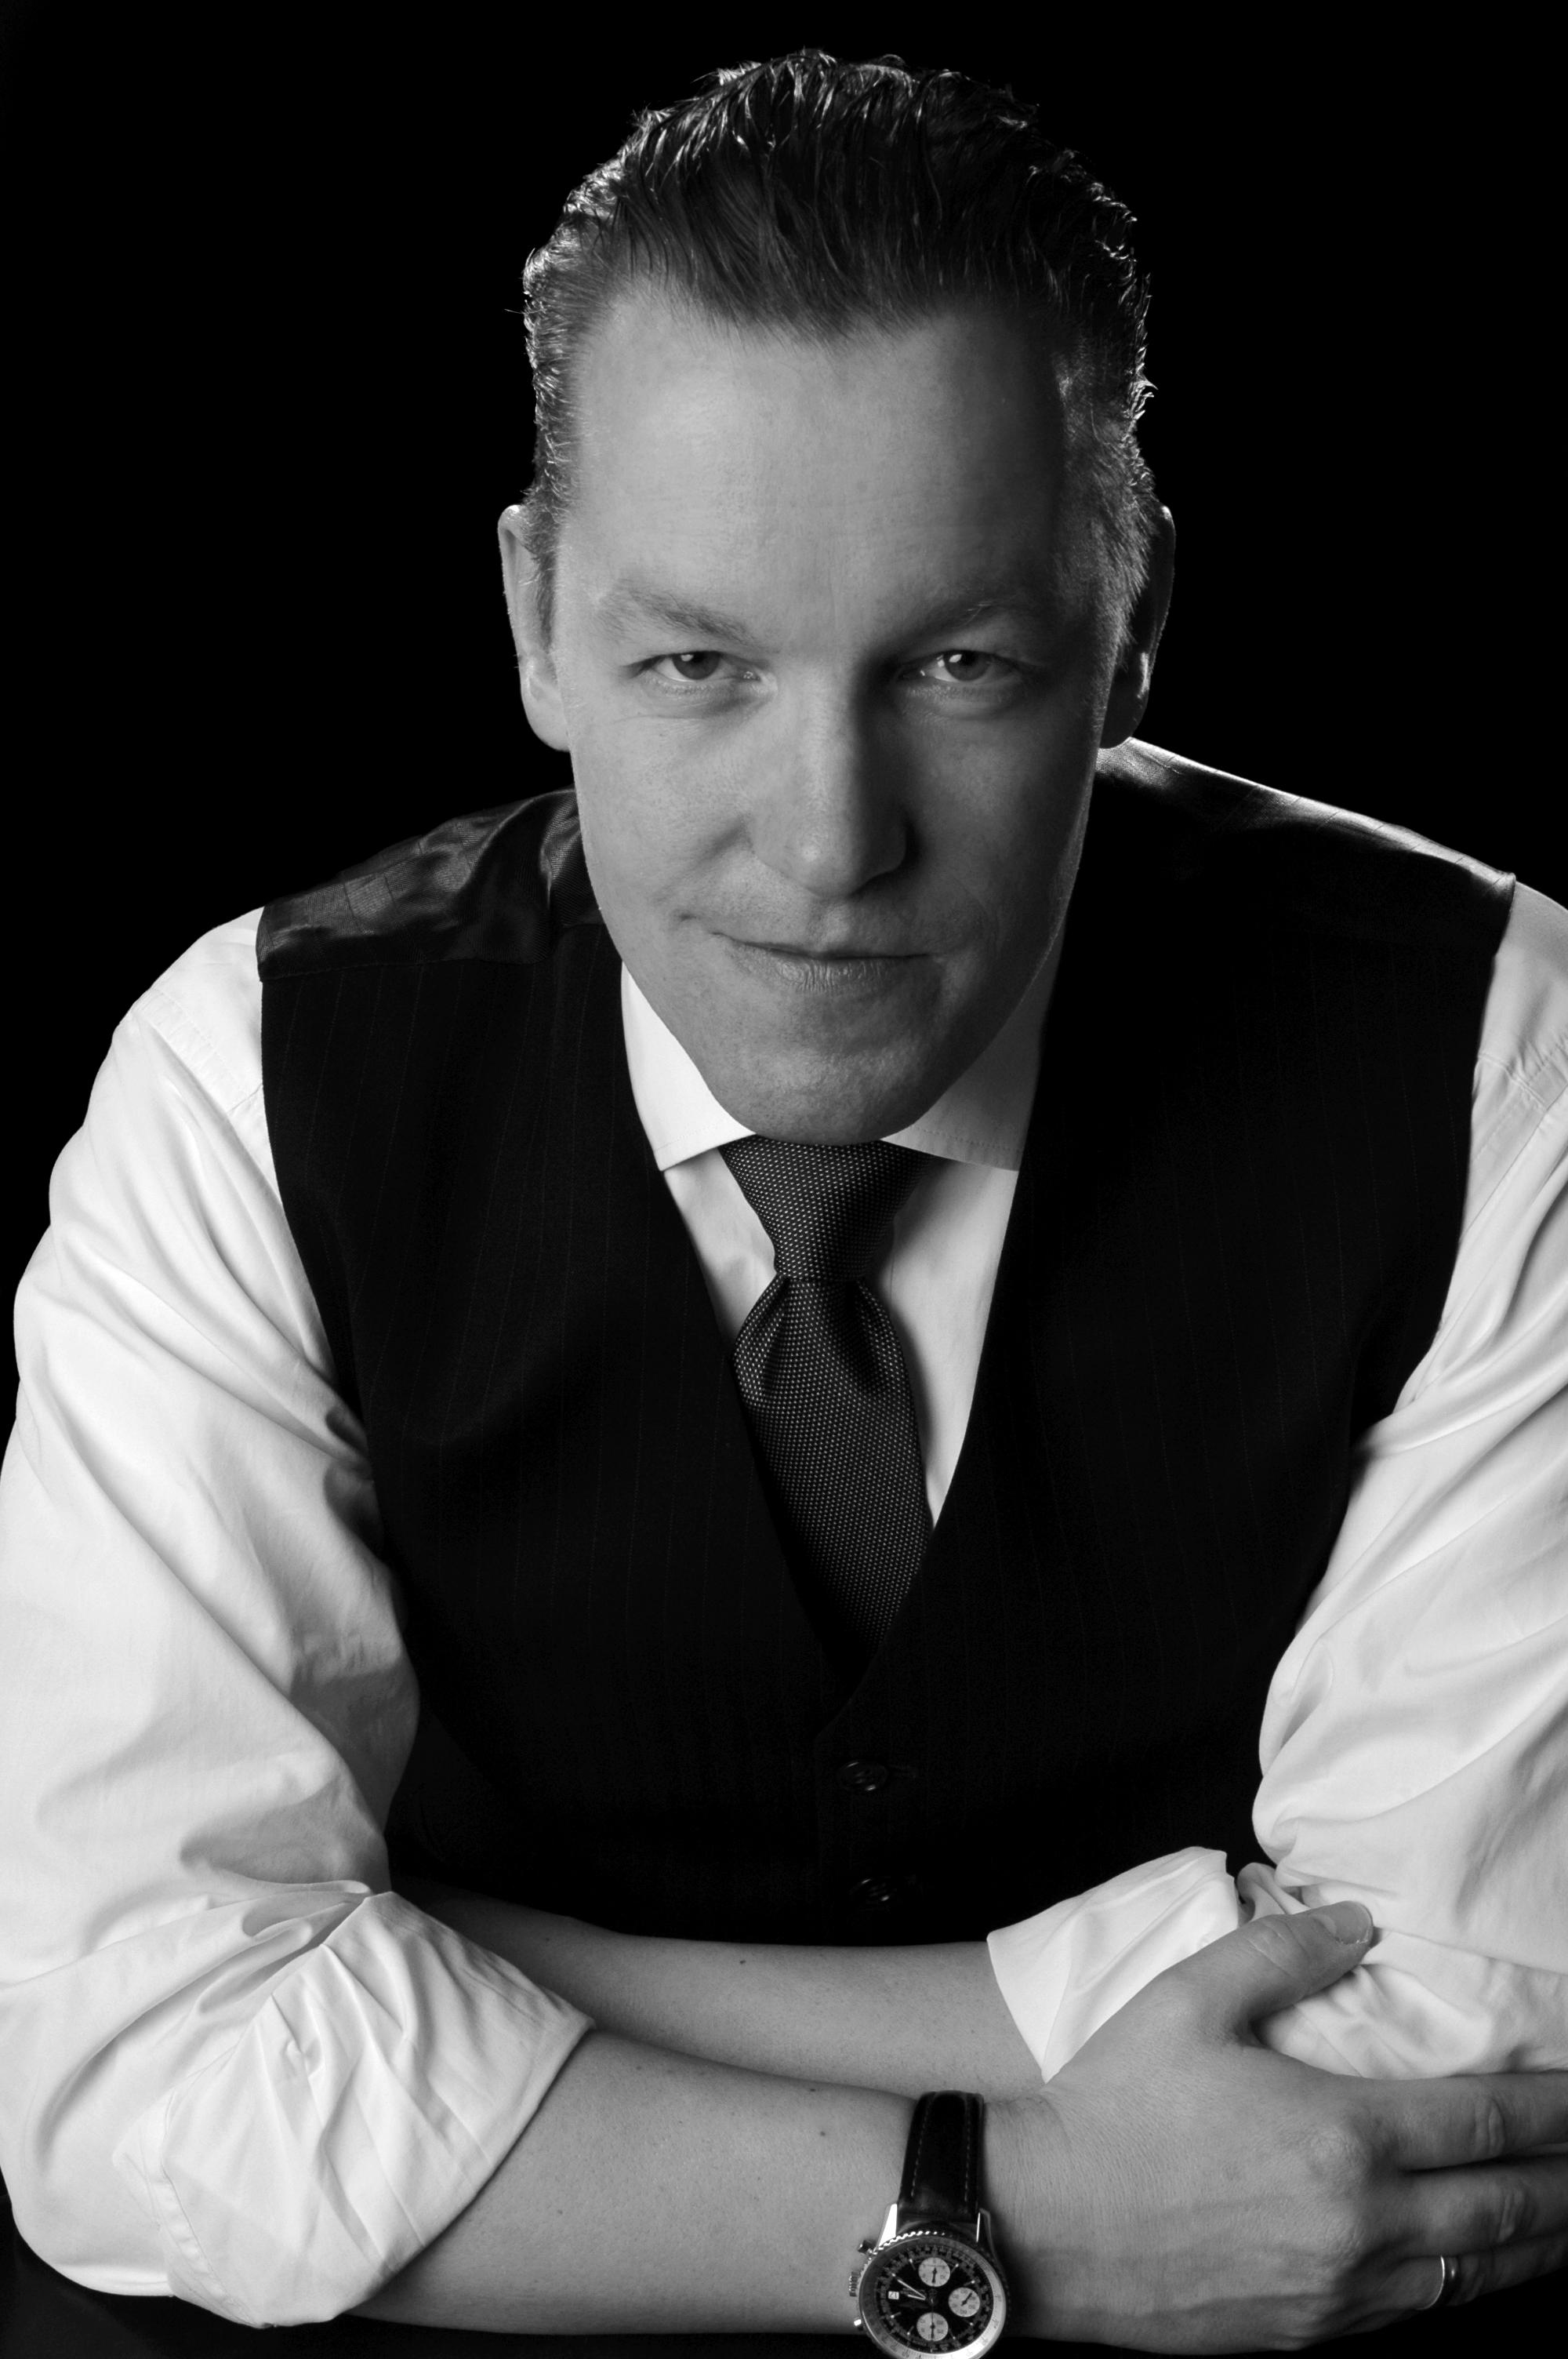 """Prof. Dr. Olaf Arlinghaus von der Fachhochschule Münster belegt in der Kategorie Wirtschaftswissenschaften/Jura den dritten Platz beim UNICUM-Wettbewerb """"Professor des Jahres 2014"""". (Foto: FH Münster/privat)"""